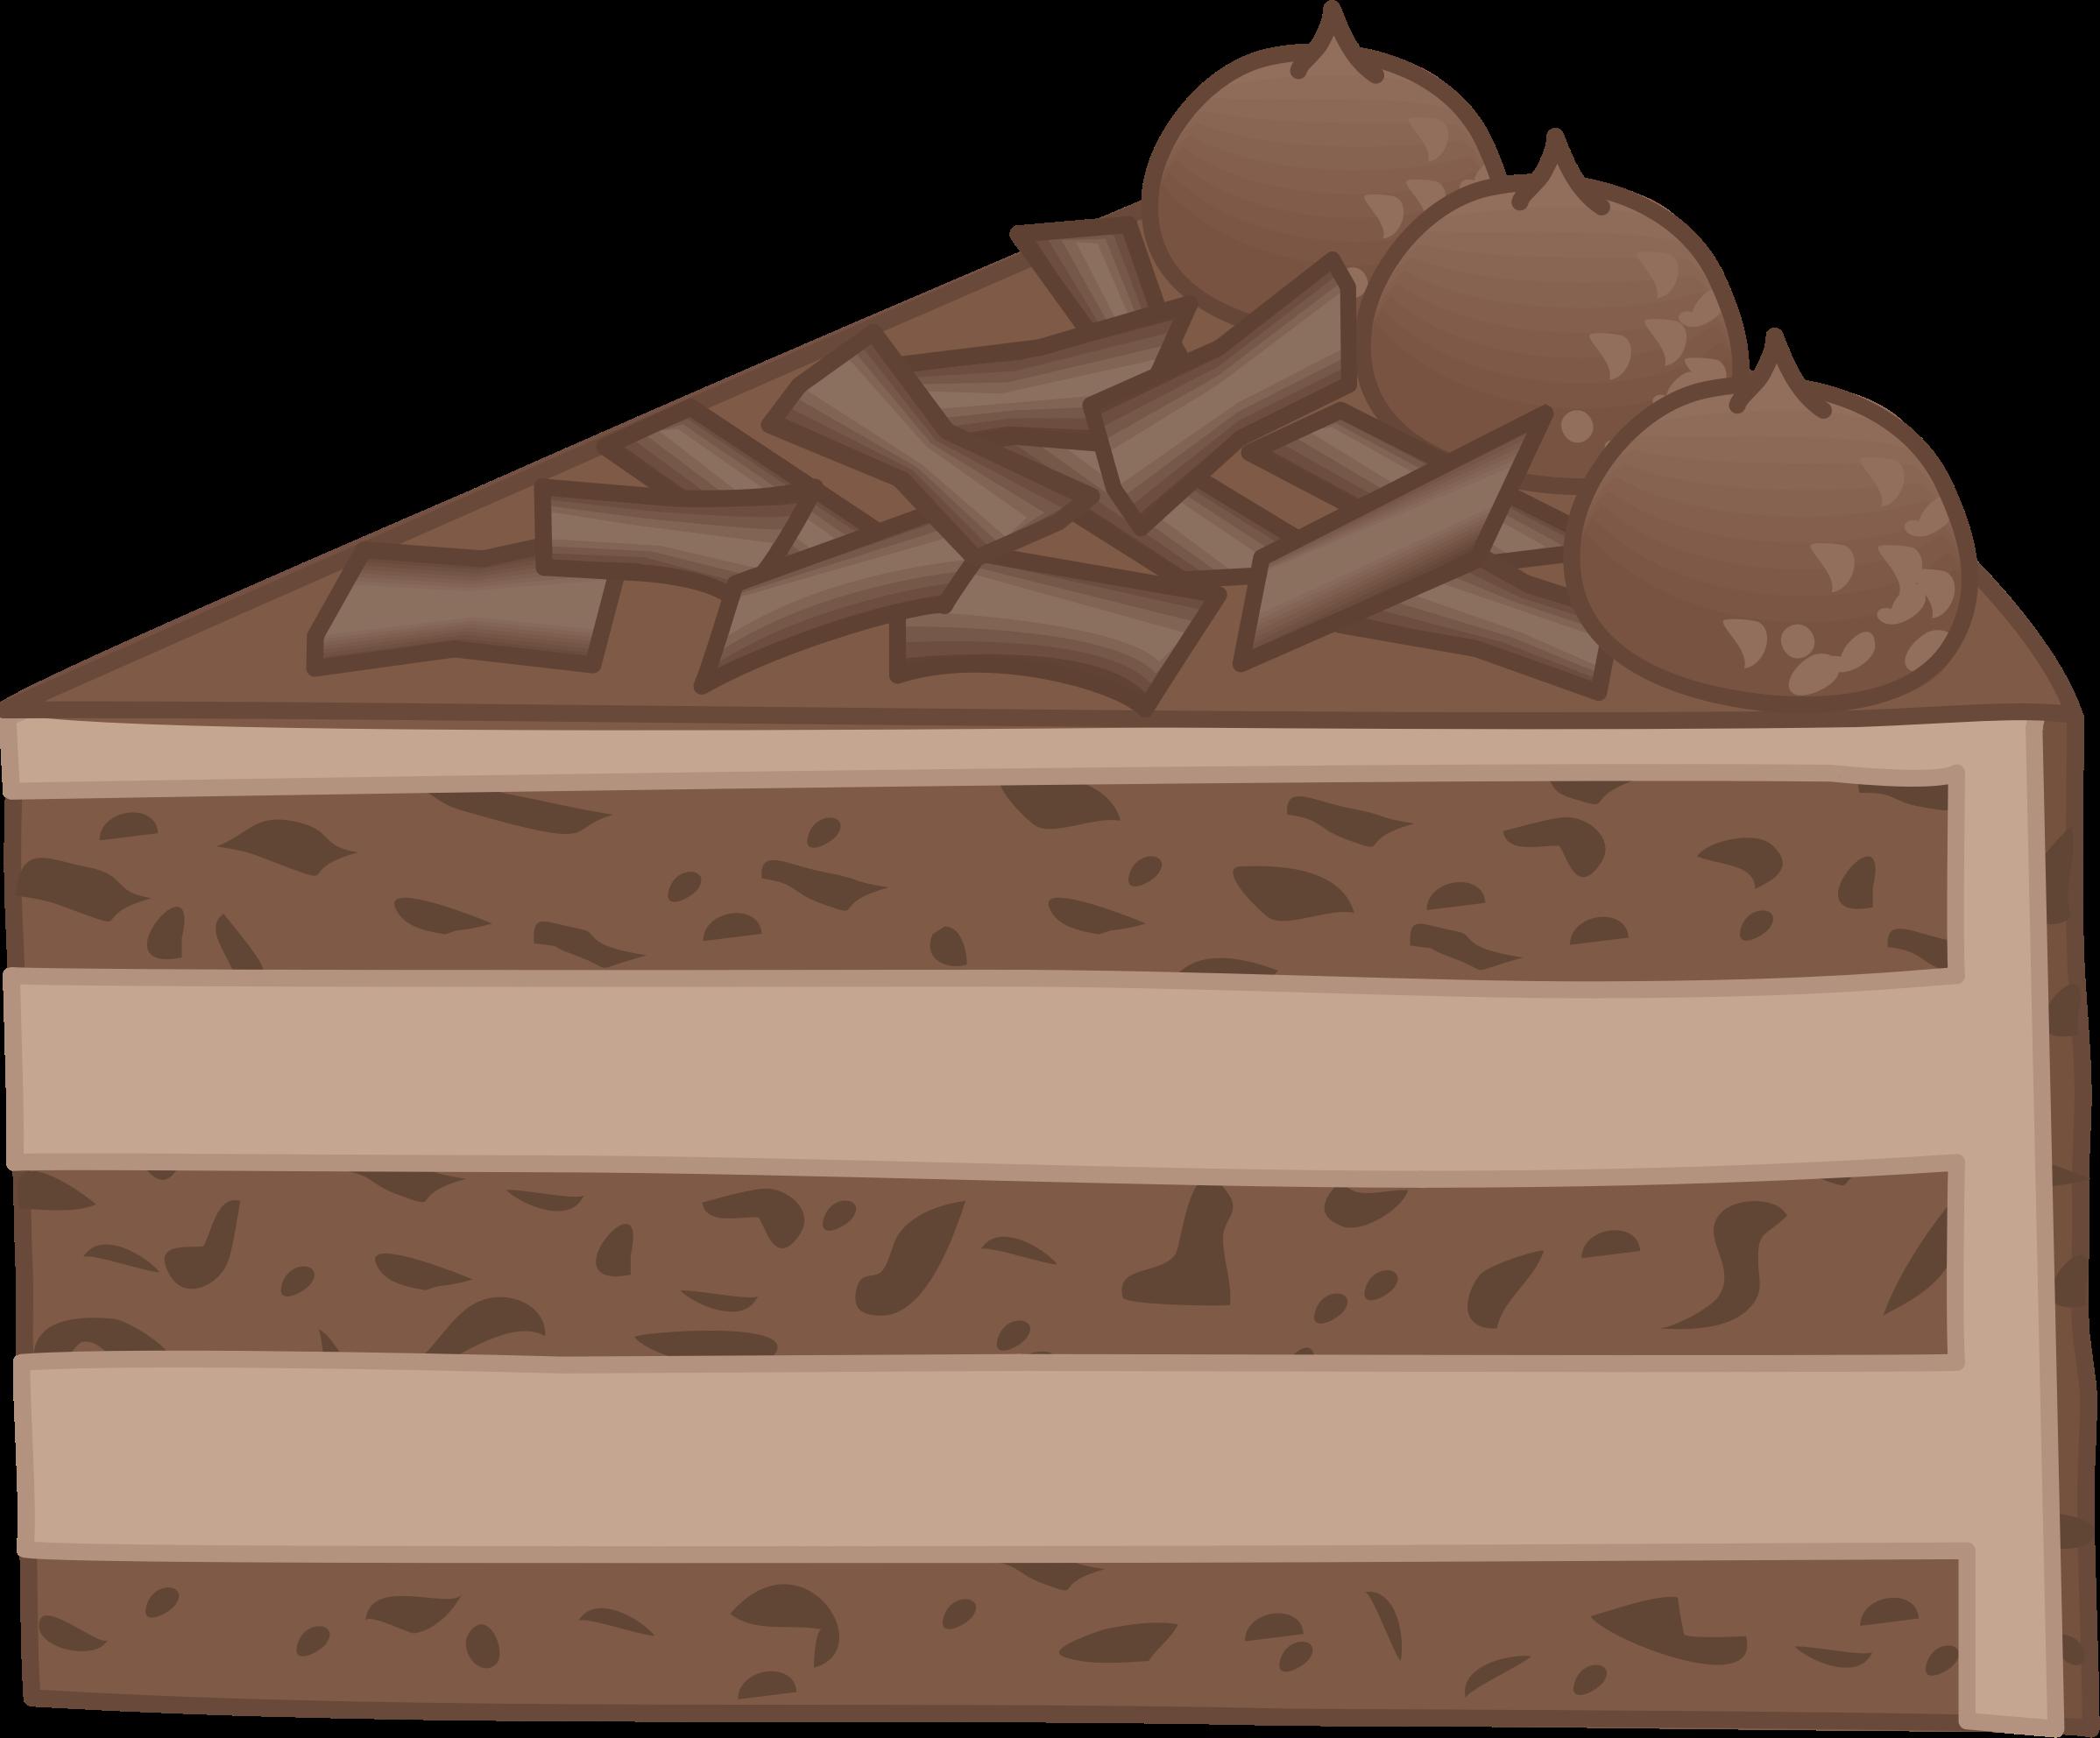 Piece of cake (#2) by oksmith